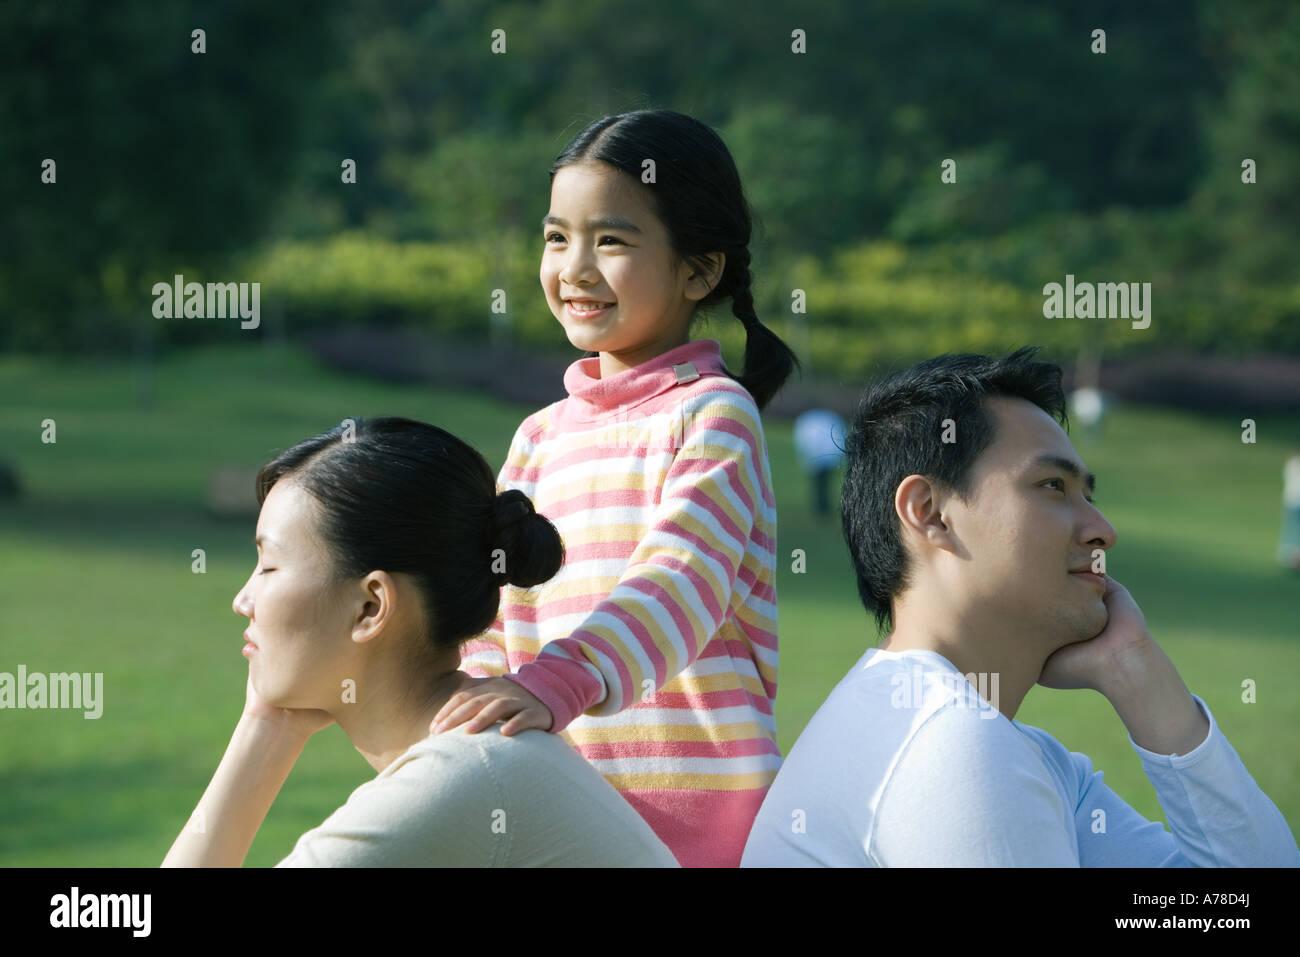 Couple assis dos à dos, fille debout derrière eux avec la main sur l'épaule de la mère Banque D'Images